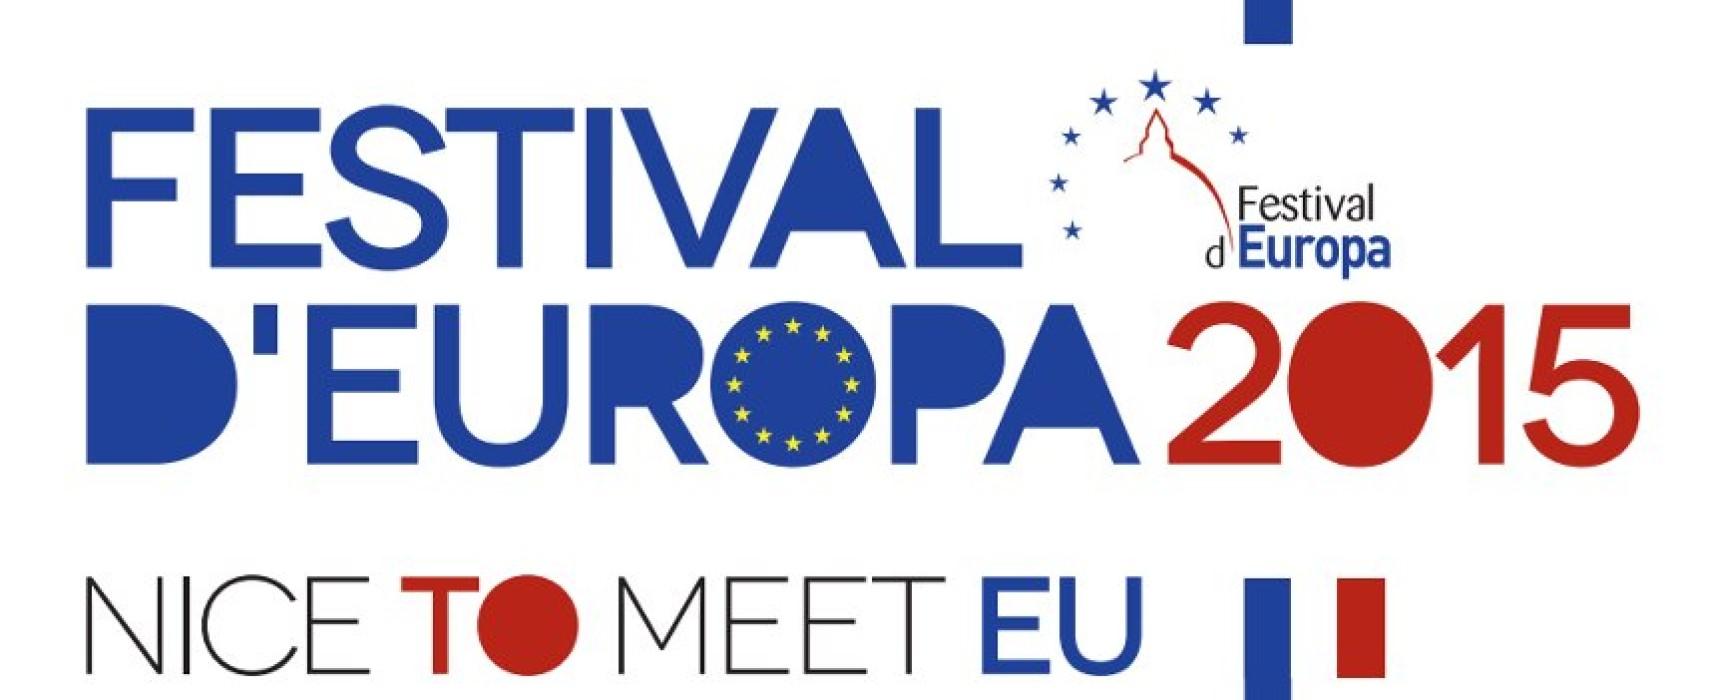 Festival d'Europa: dal 6 al 10 maggio a Firenze la III edizione